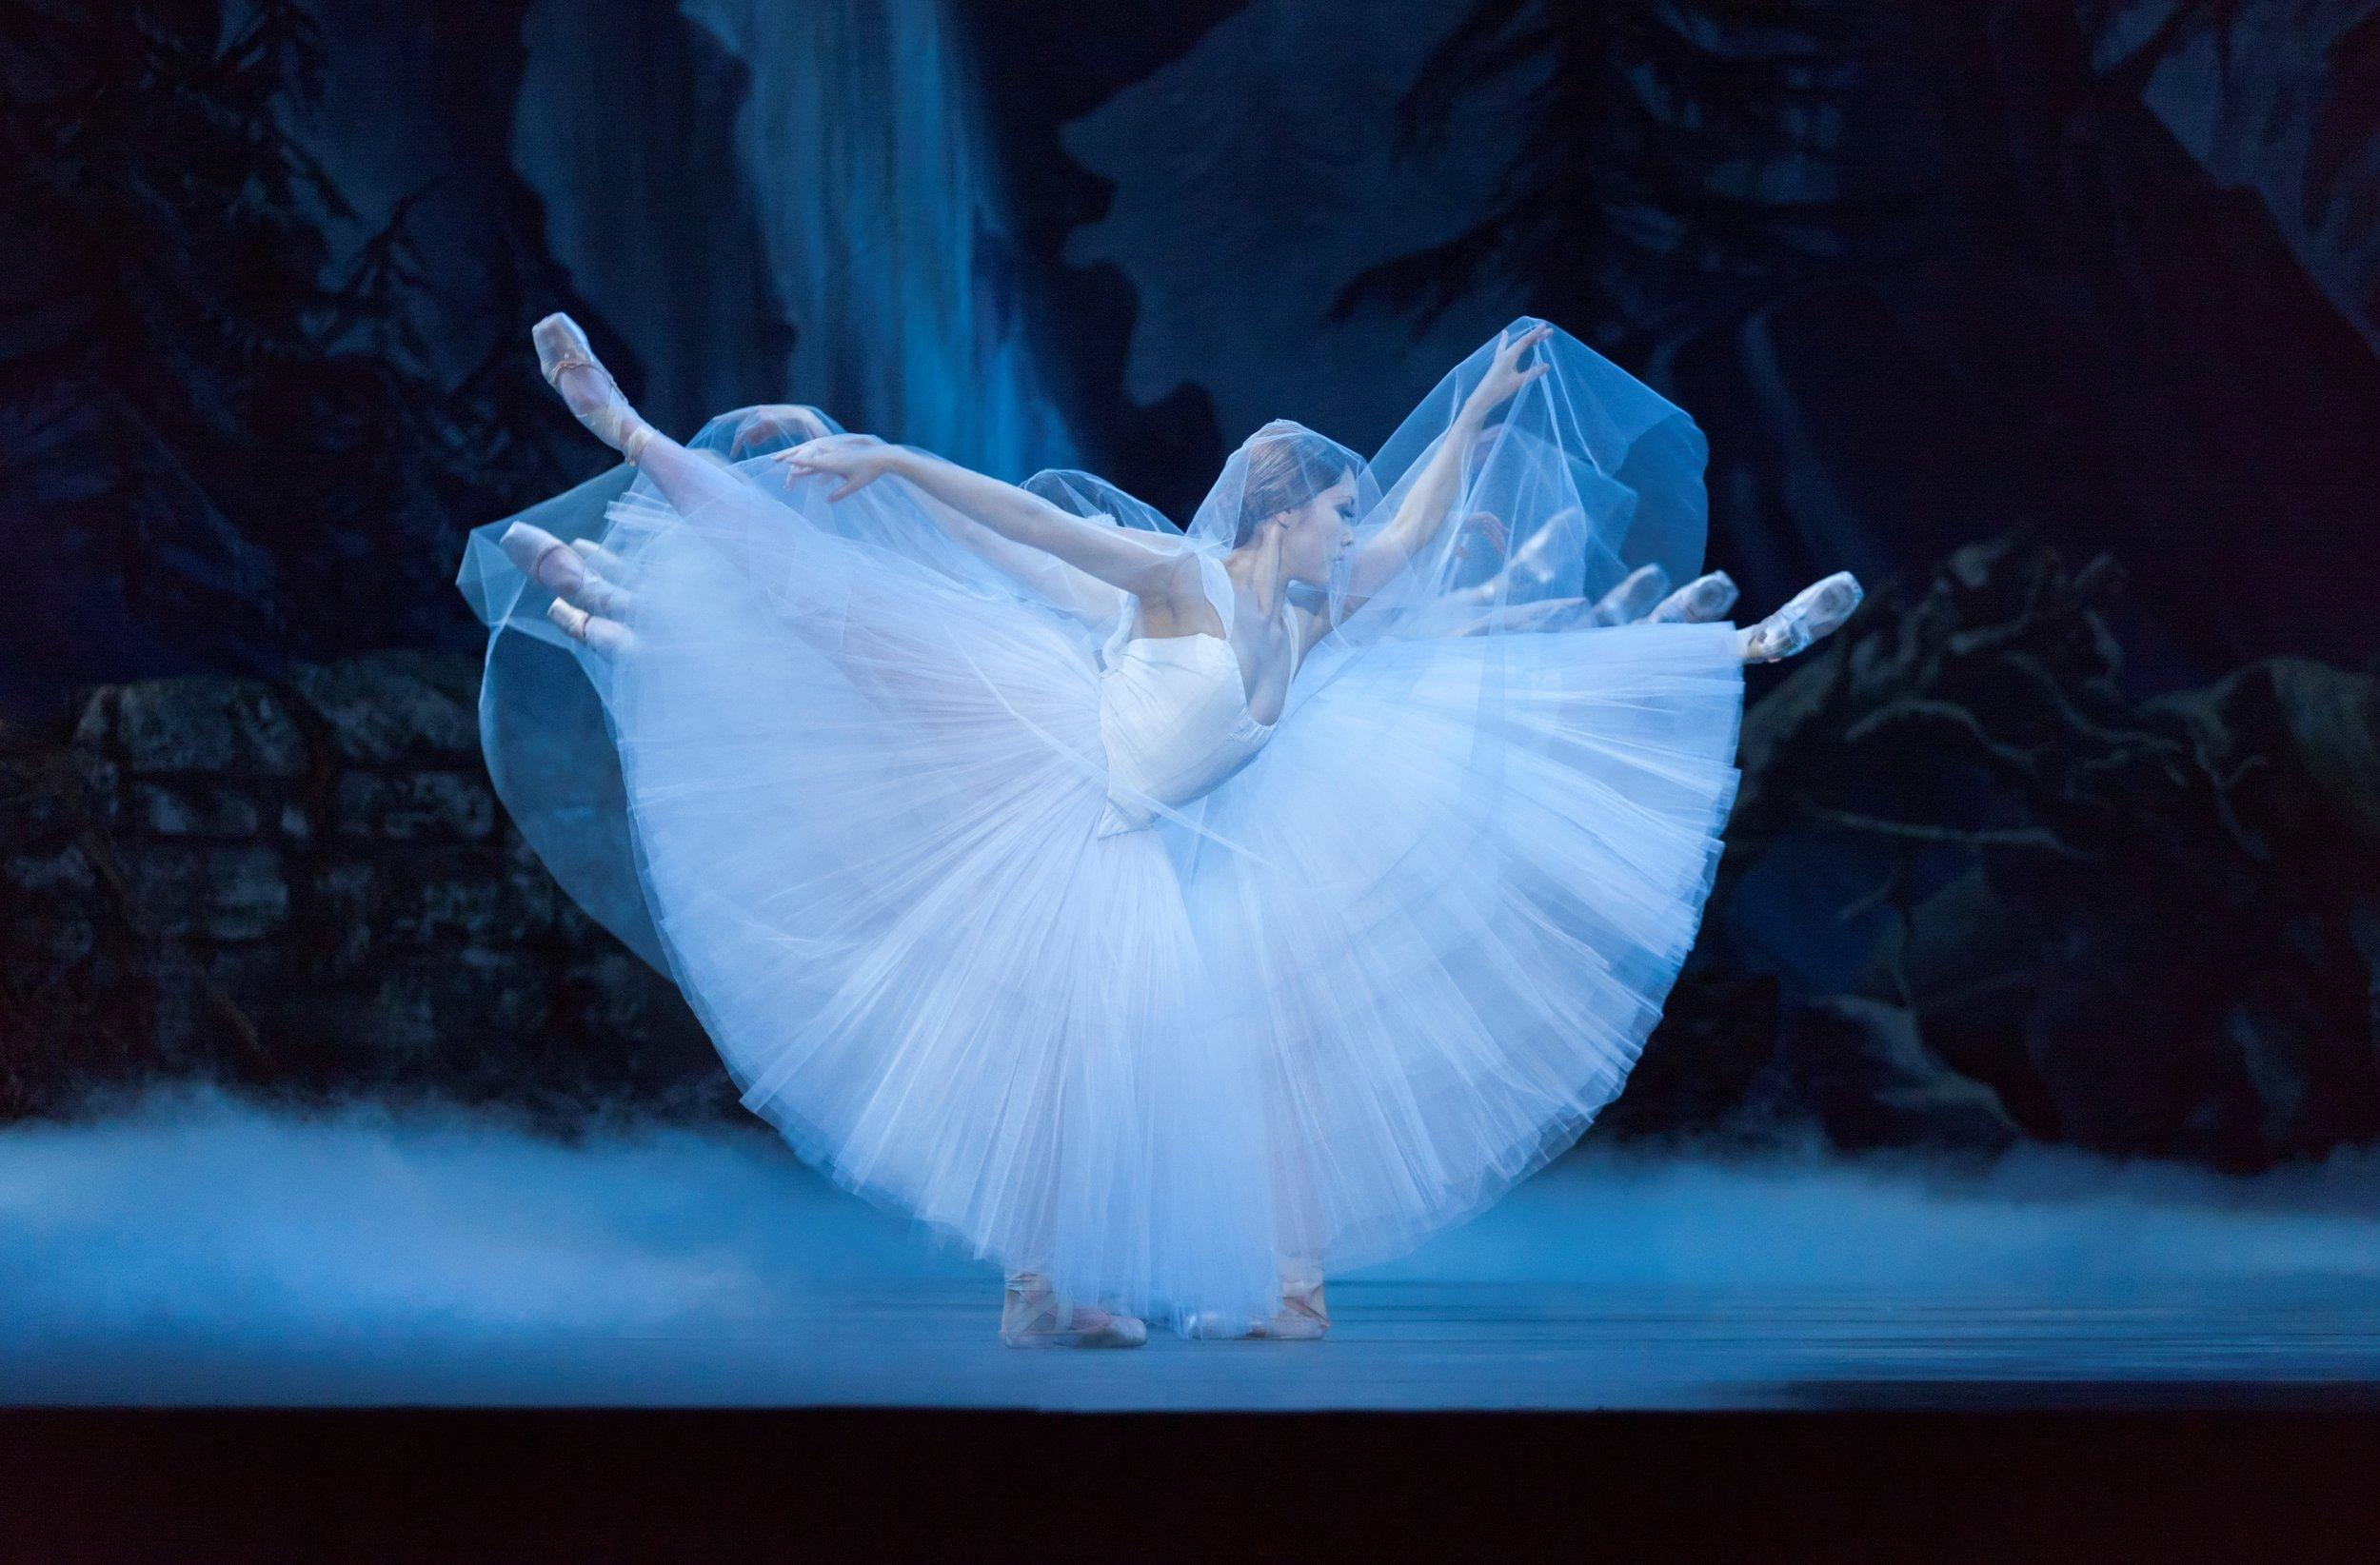 Oregon Ballet Theatre_Ansa Deguchi in Giselle  Photo by Blaine Truitt Covert.jpg